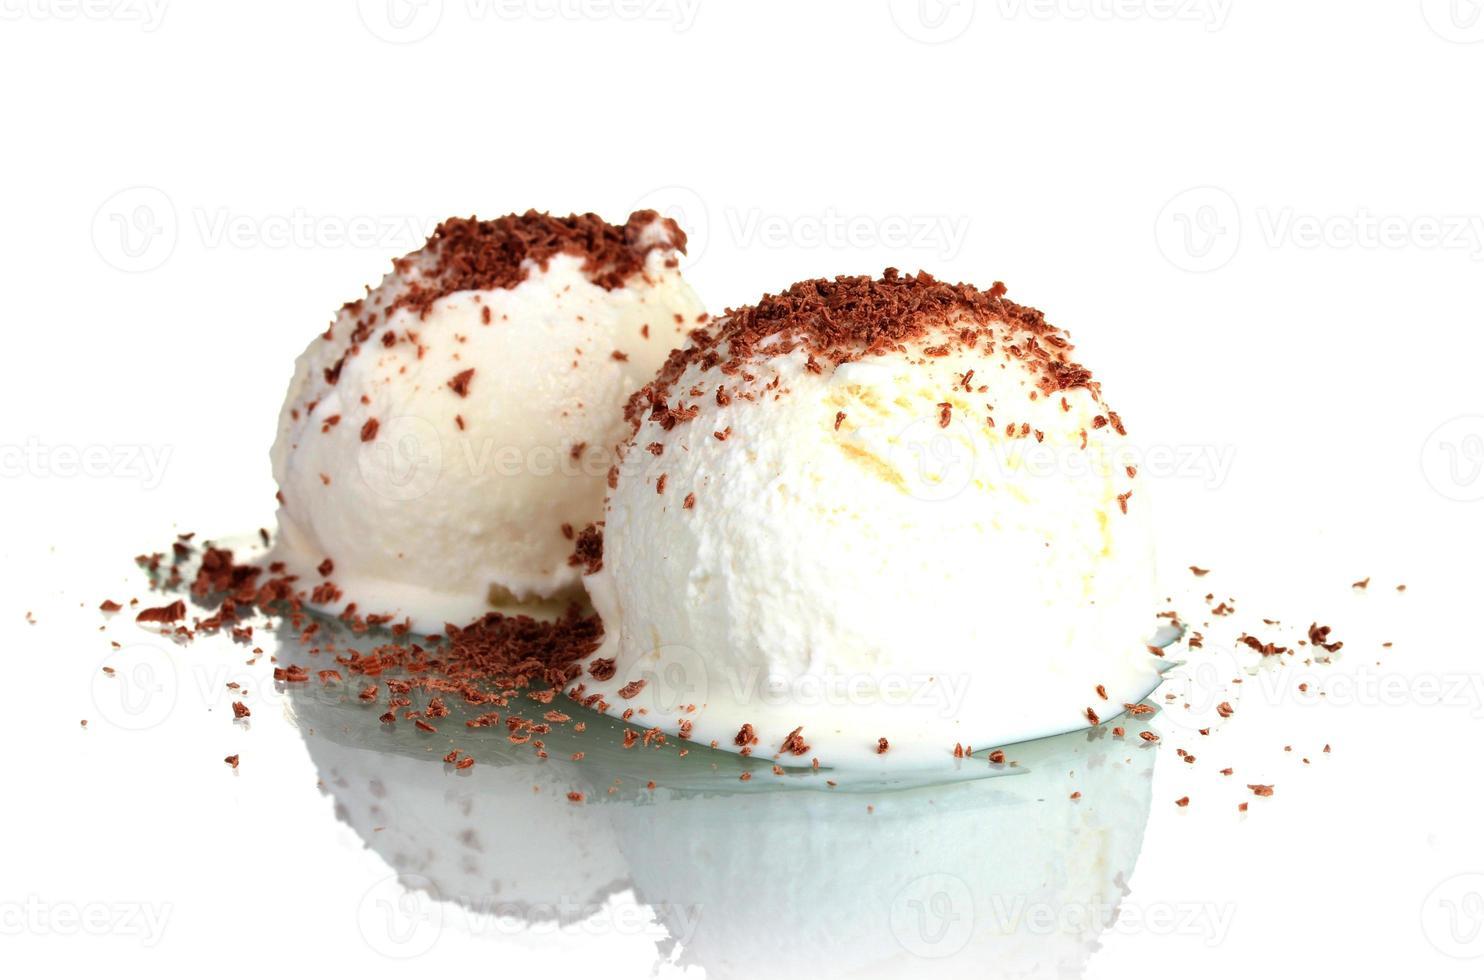 delizioso gelato alla vaniglia con cioccolato isolato su bianco foto